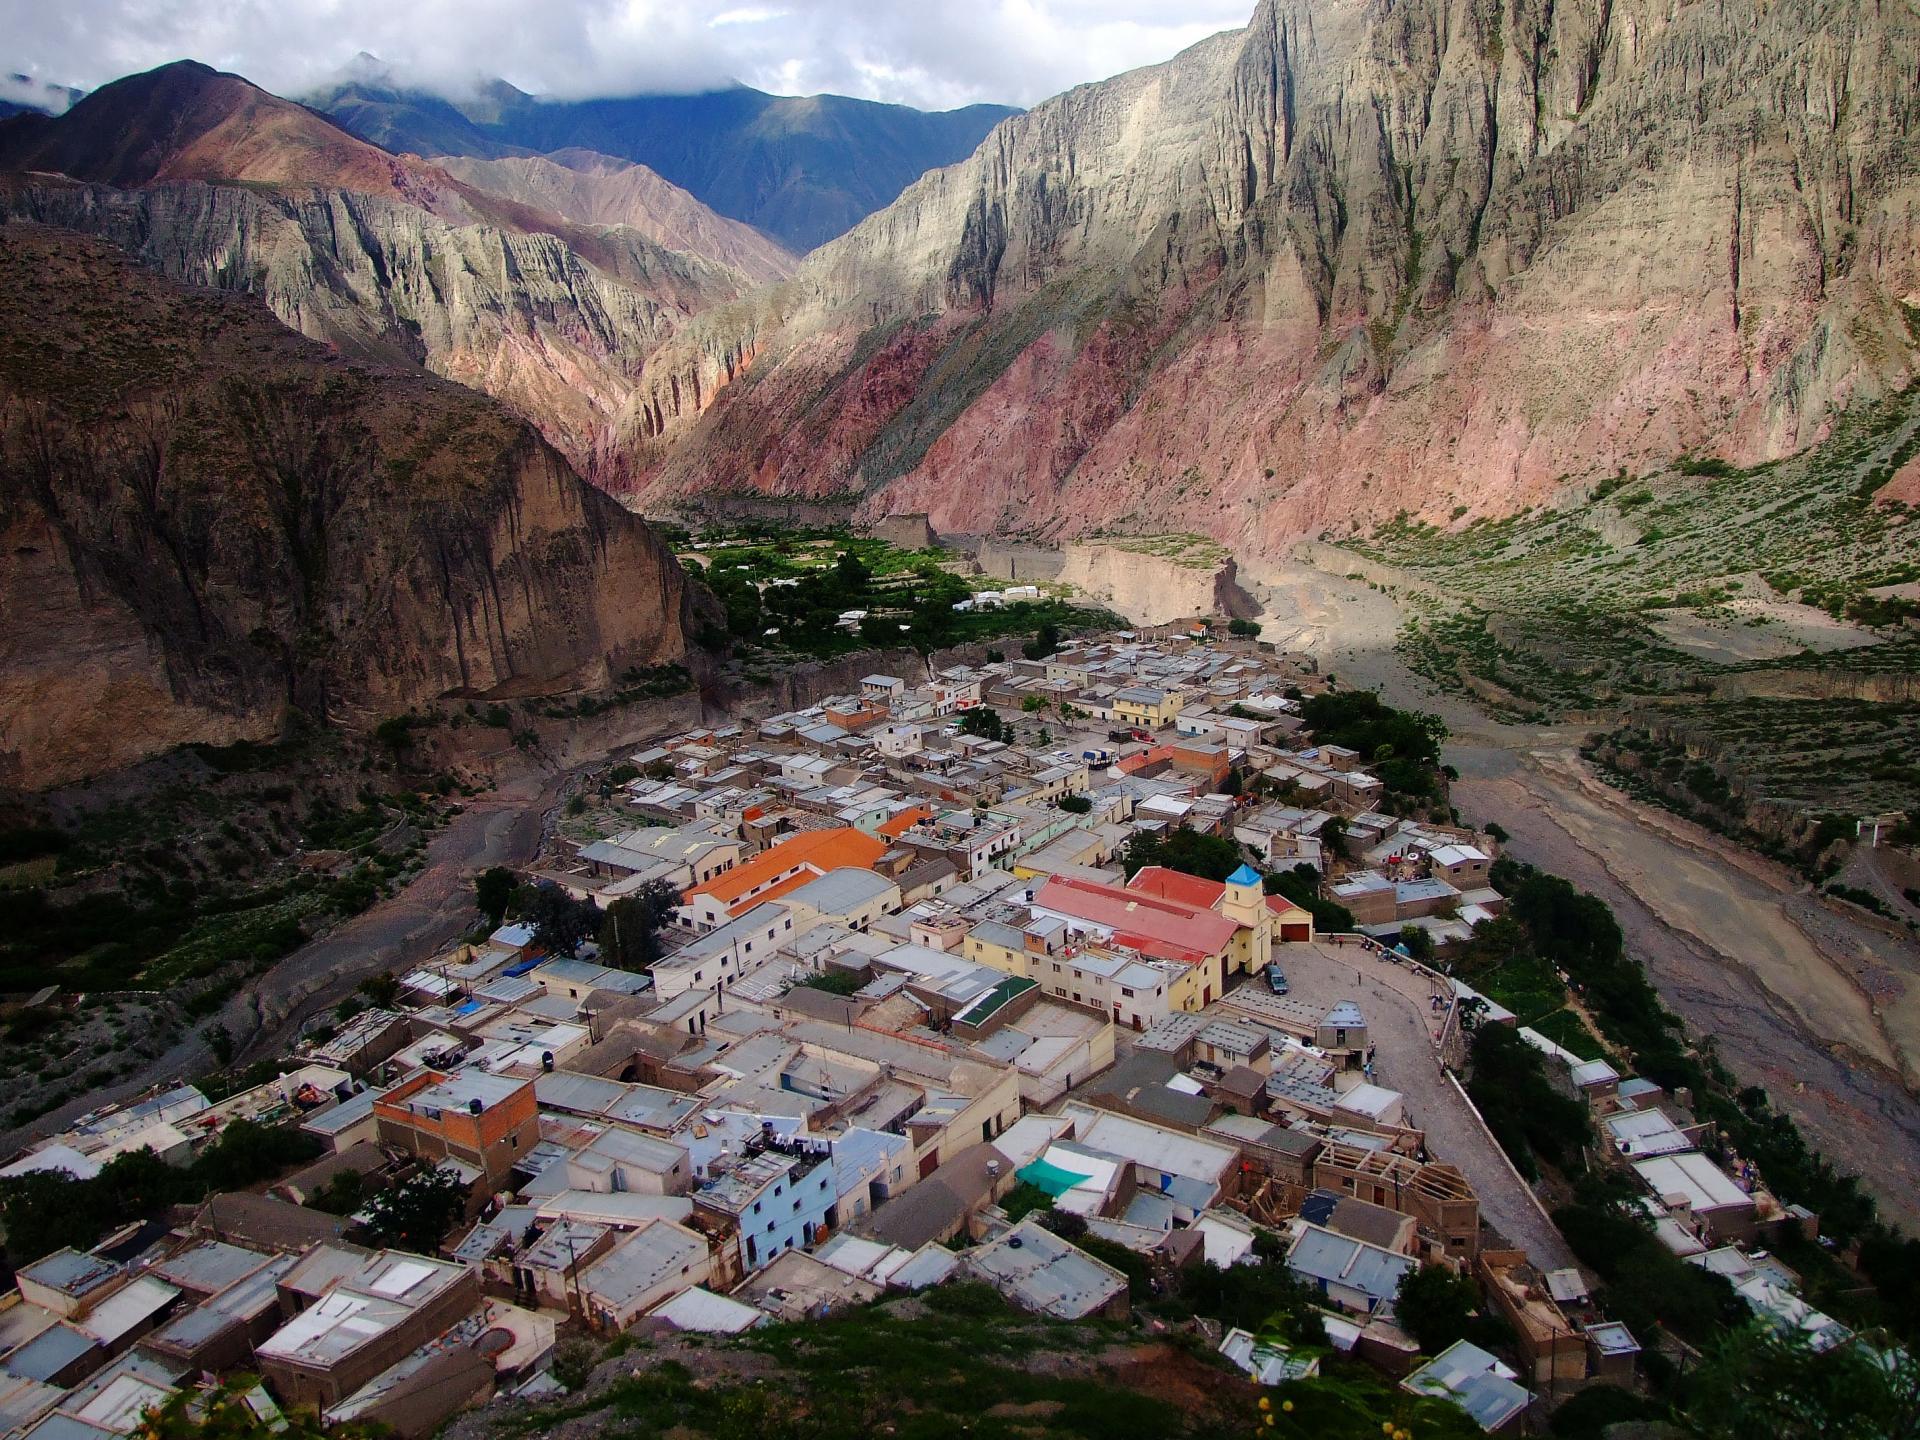 Erleben Sie die Umgebung Saltas auf einer Argentinien Rundreise mit uns